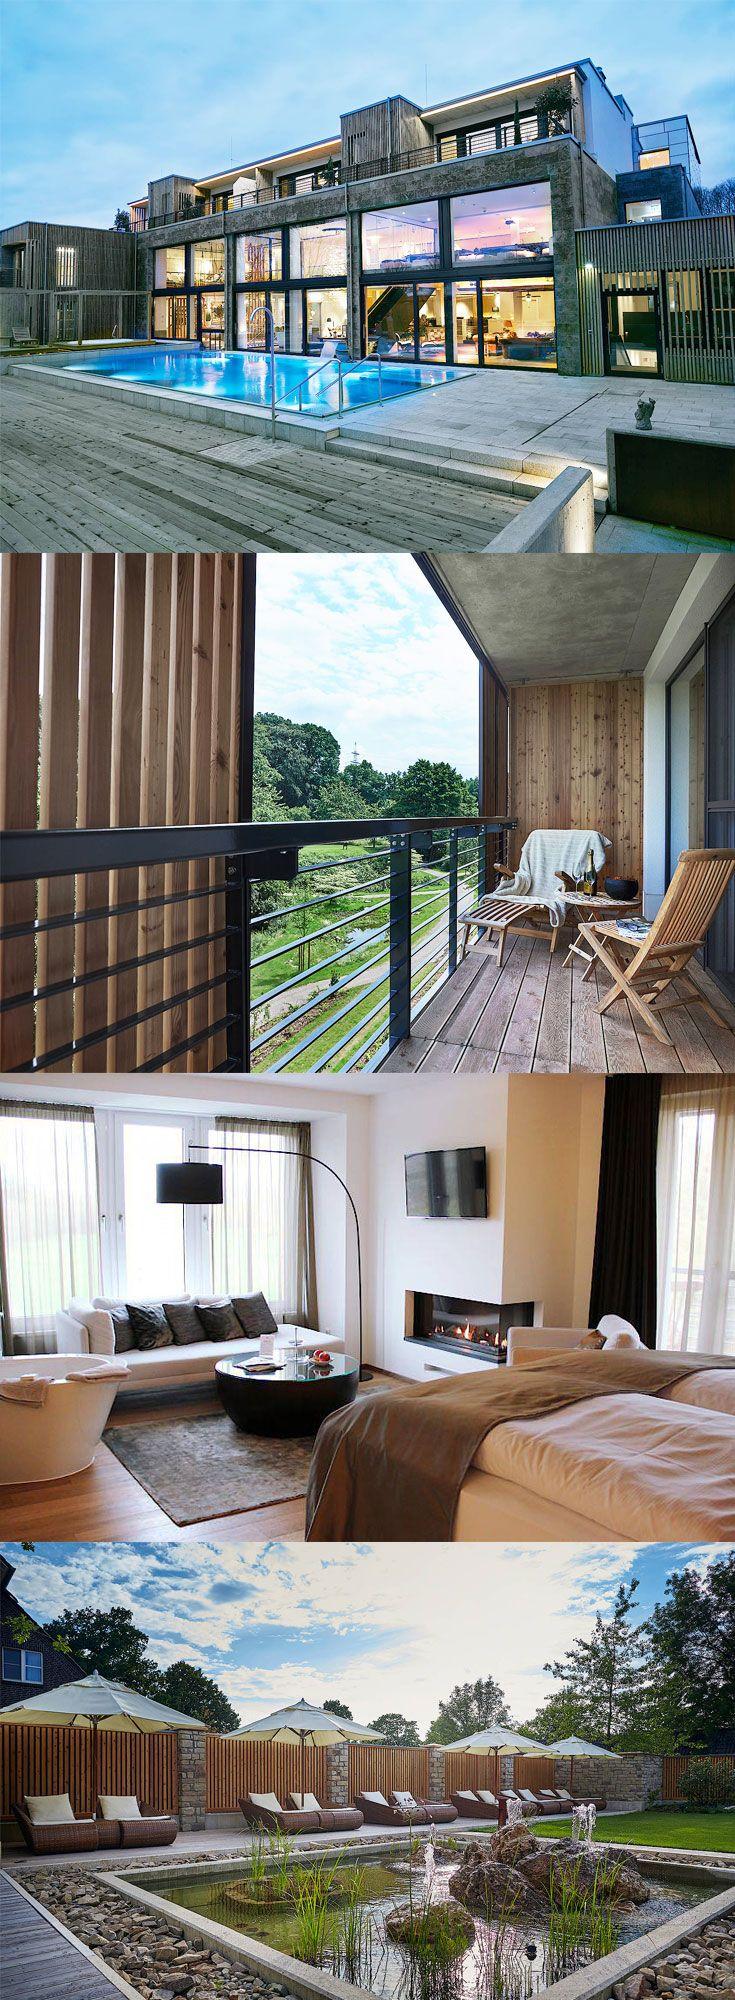 Ein wunderschönes Hotel zwischen Niederrhein und Hochkultur. Das Landhotel Voshövel ist anders. Und das schon seit 1872, denn damals wurde der Familienbetrieb eröffnet. Heute ist das Landhotel ein mehrfach ausgezeichnetes 4-Sterne-superior-Hotel - und das